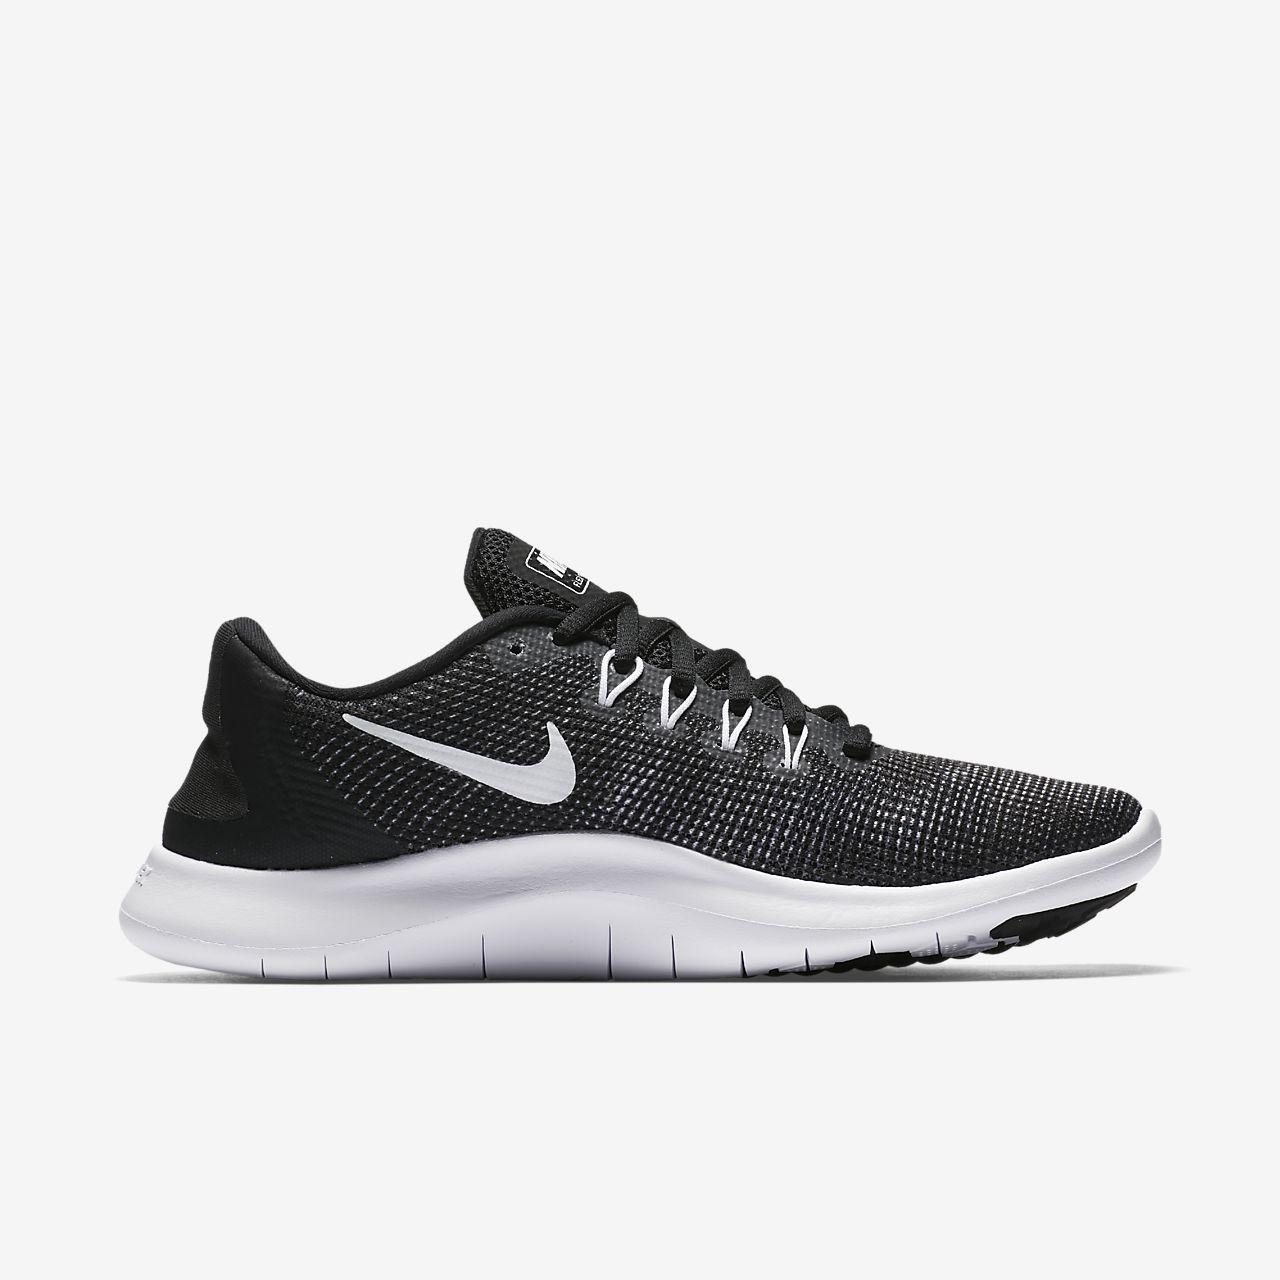 promo code 8ac0b 9d036 ... Nike Flex RN 2018 Women s Running Shoe